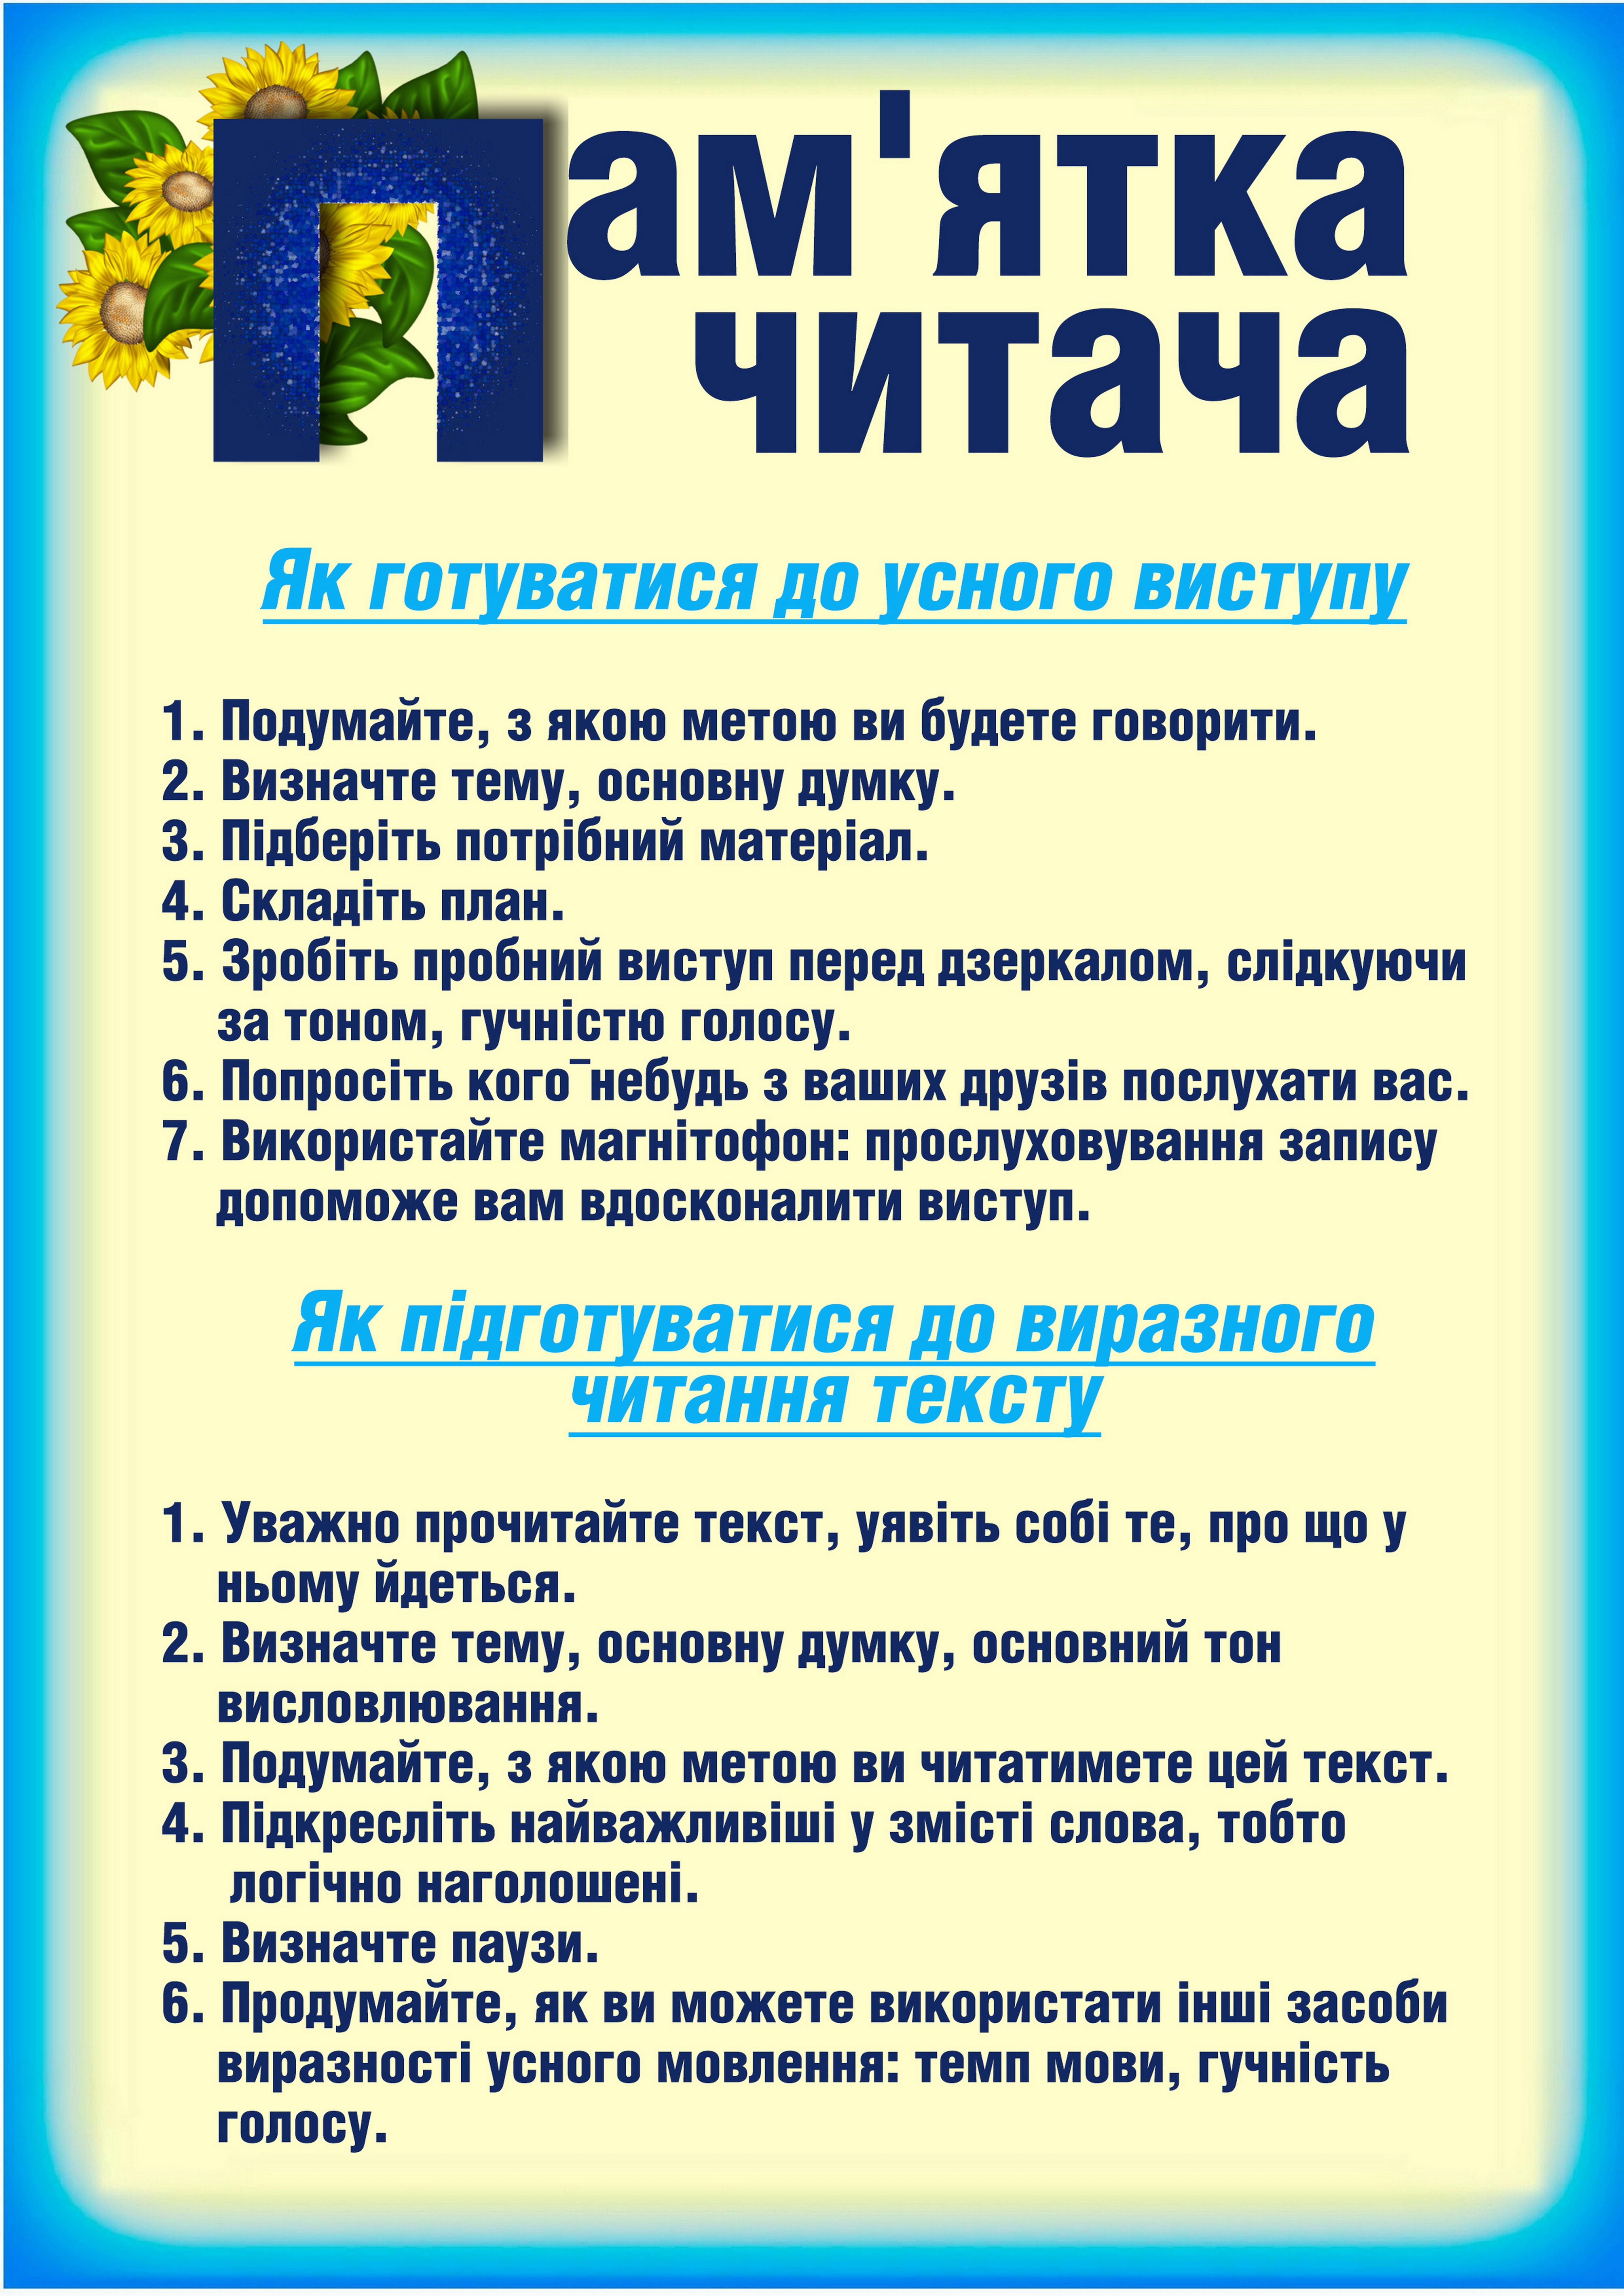 http://gimnasia.dn.ua/wp-content/uploads/2013/12/%D0%BF%D0%B0%D0%BC%D1%8F%D1%82%D0%BA%D0%B0.jpg